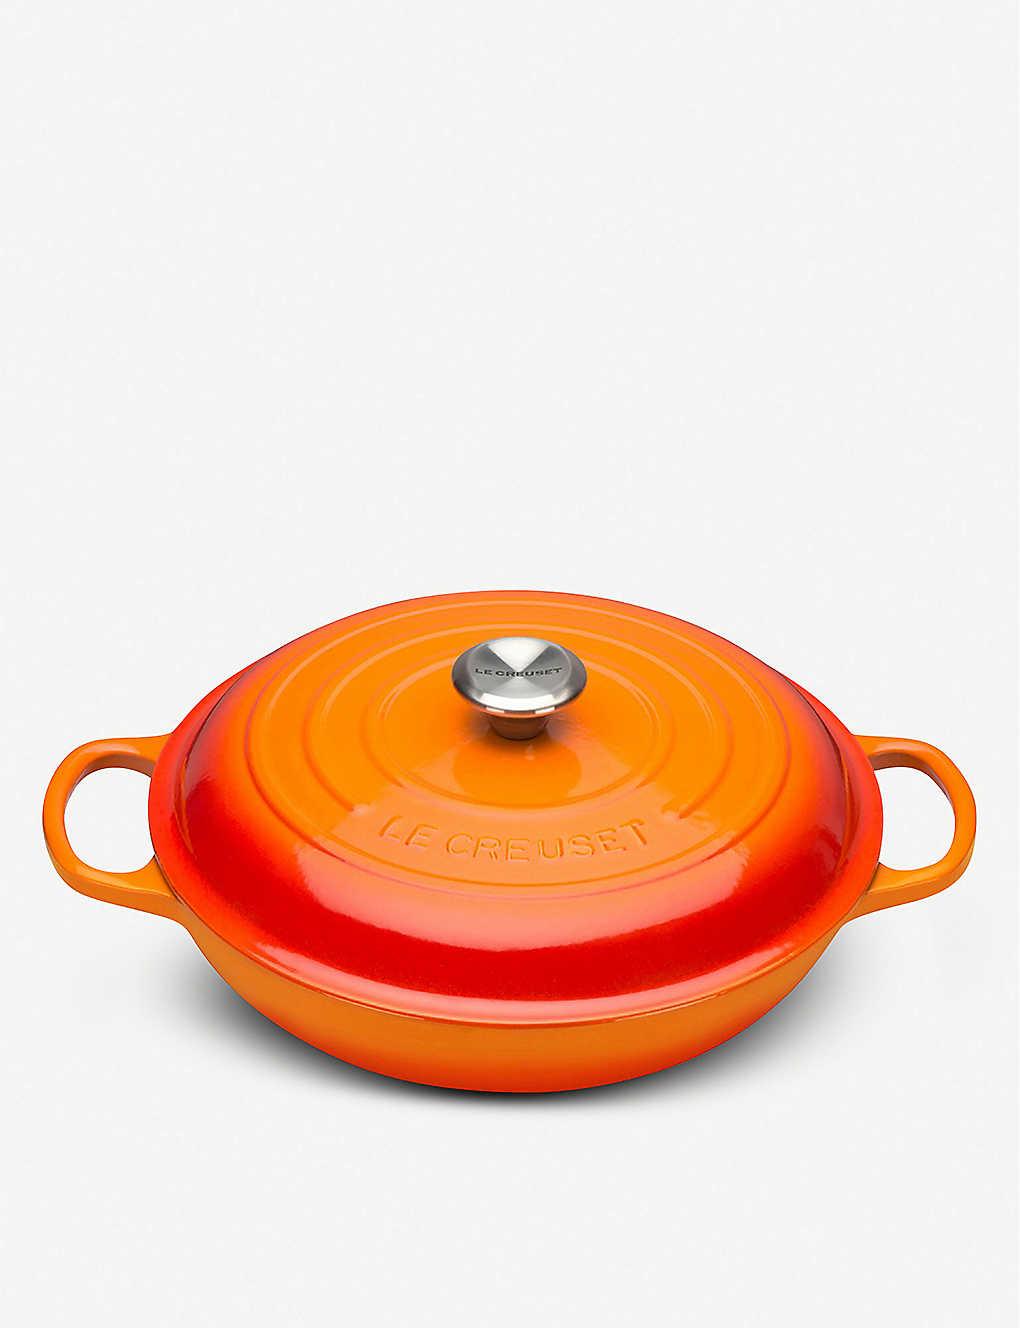 LE CREUSET: Signature cast iron casserole dish 26cm